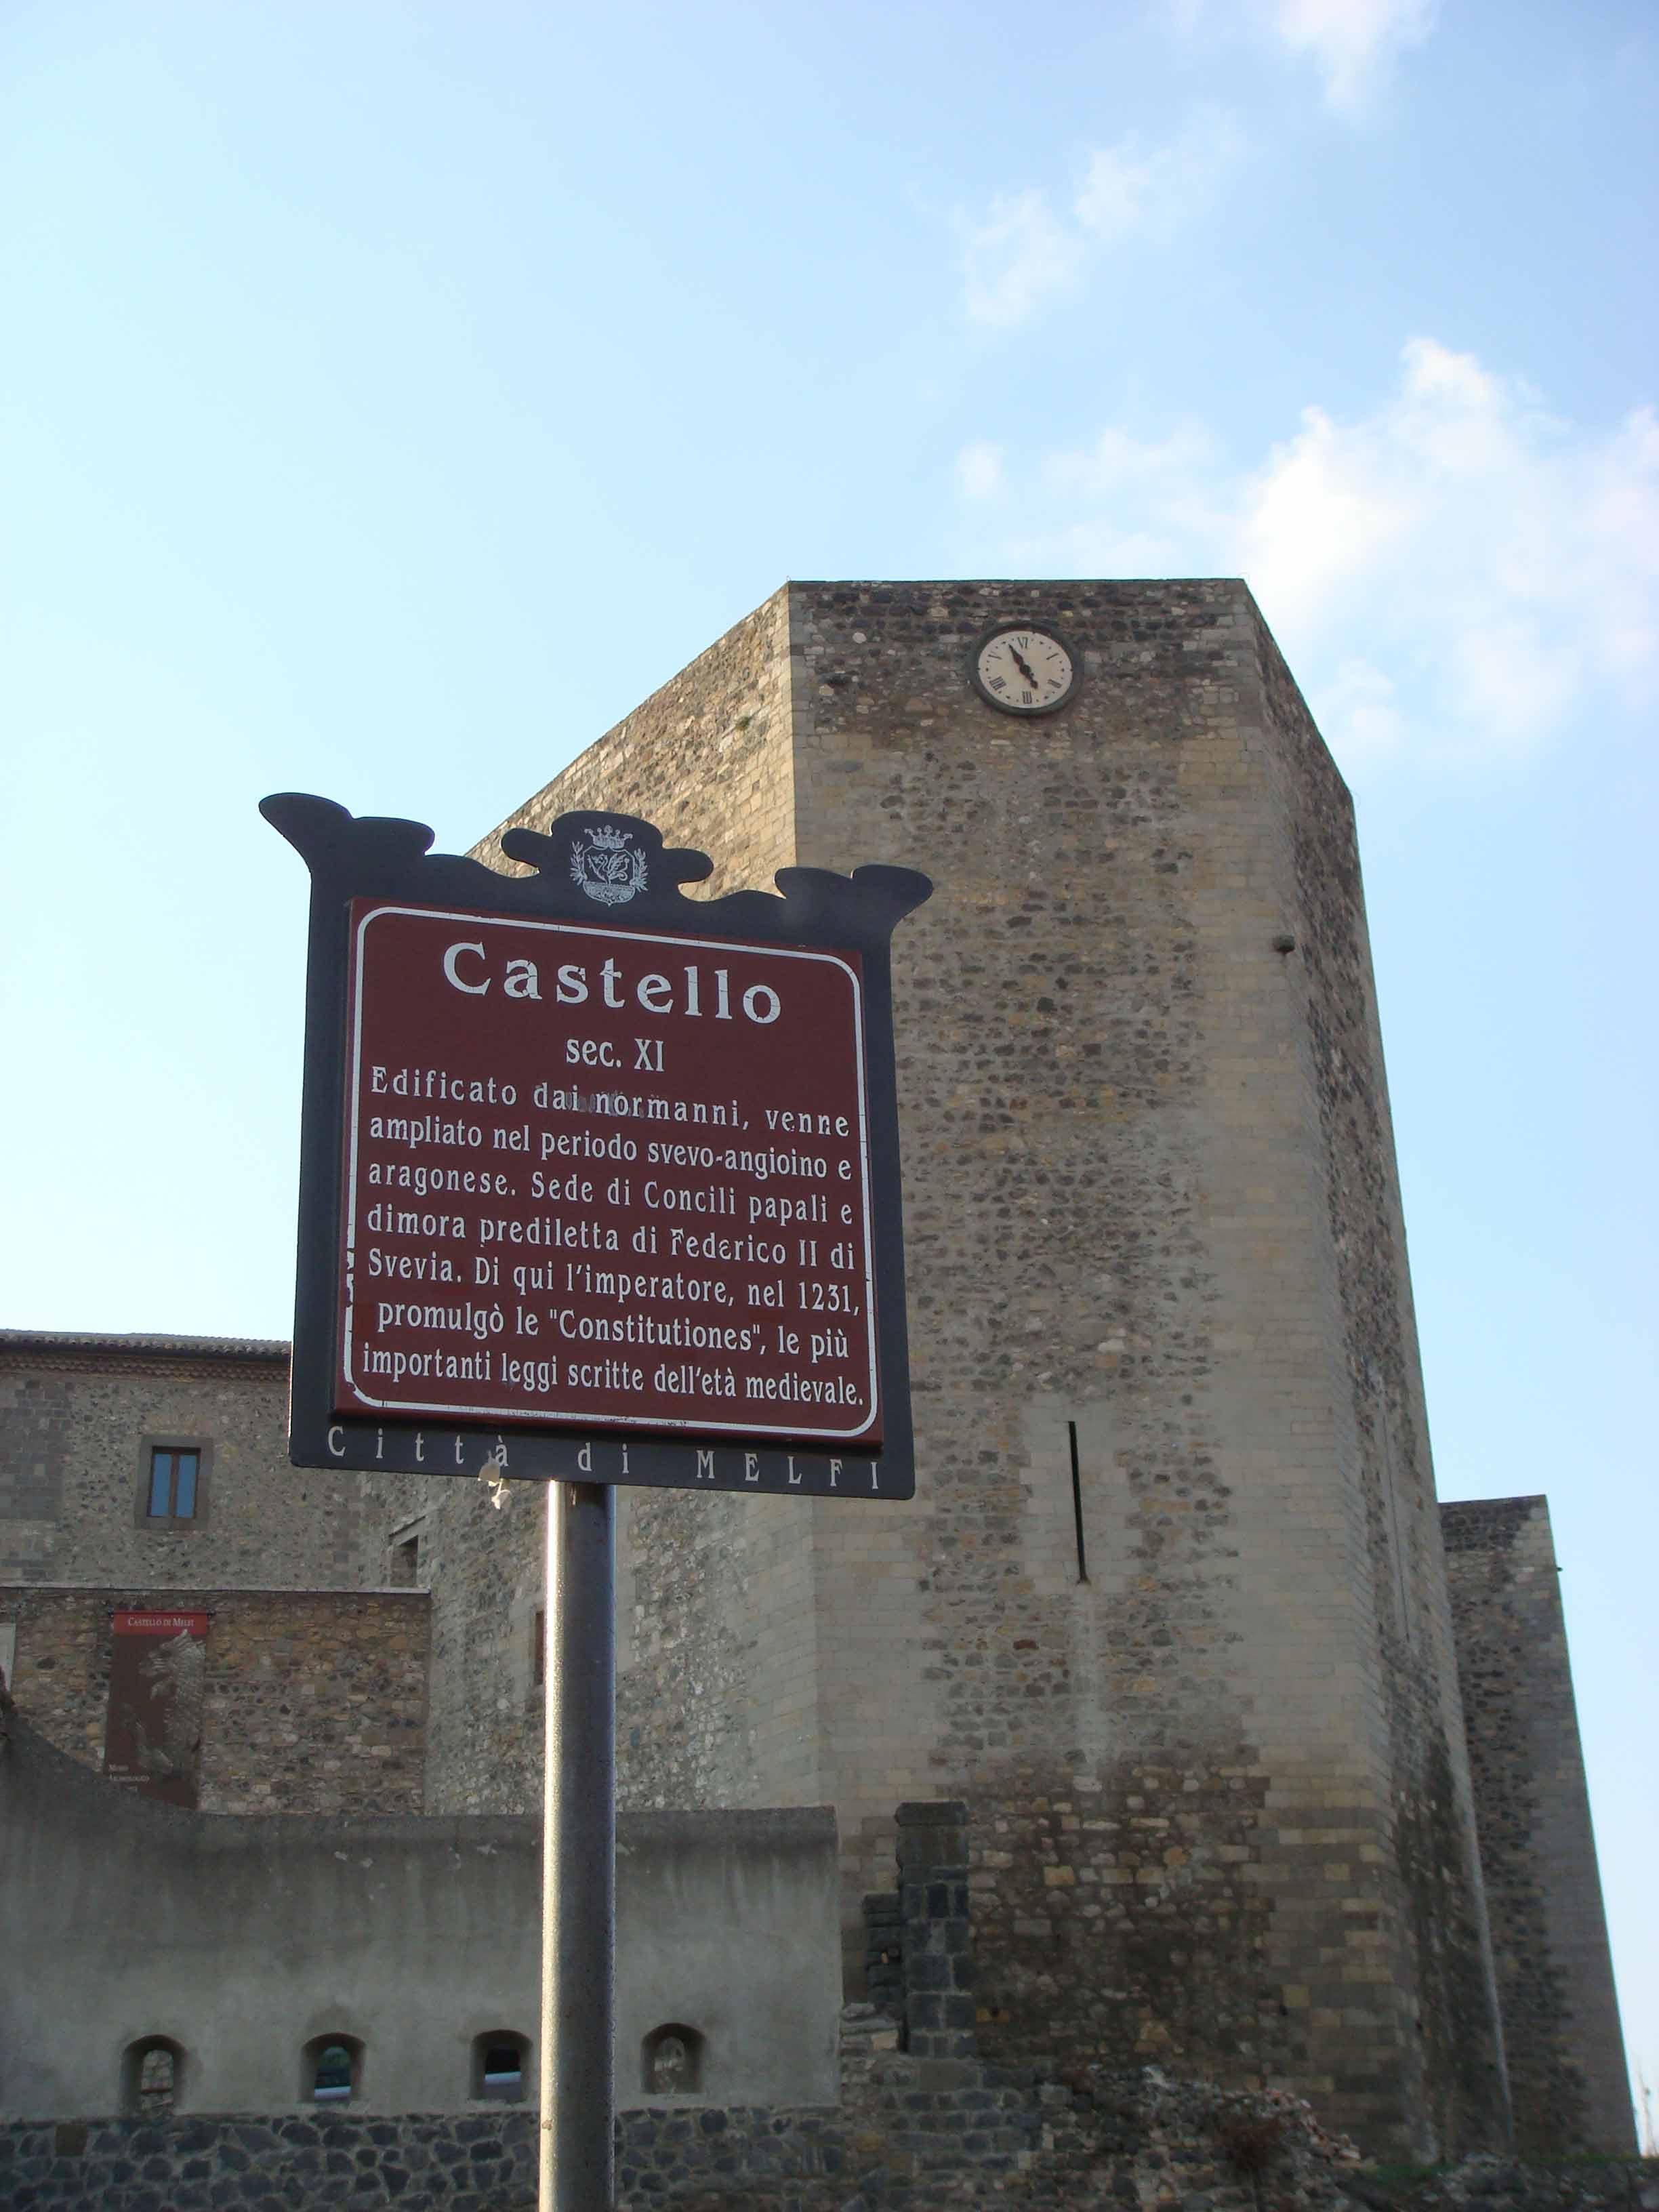 VIAGGIO NELLA STORIA - Basilicata Turistica